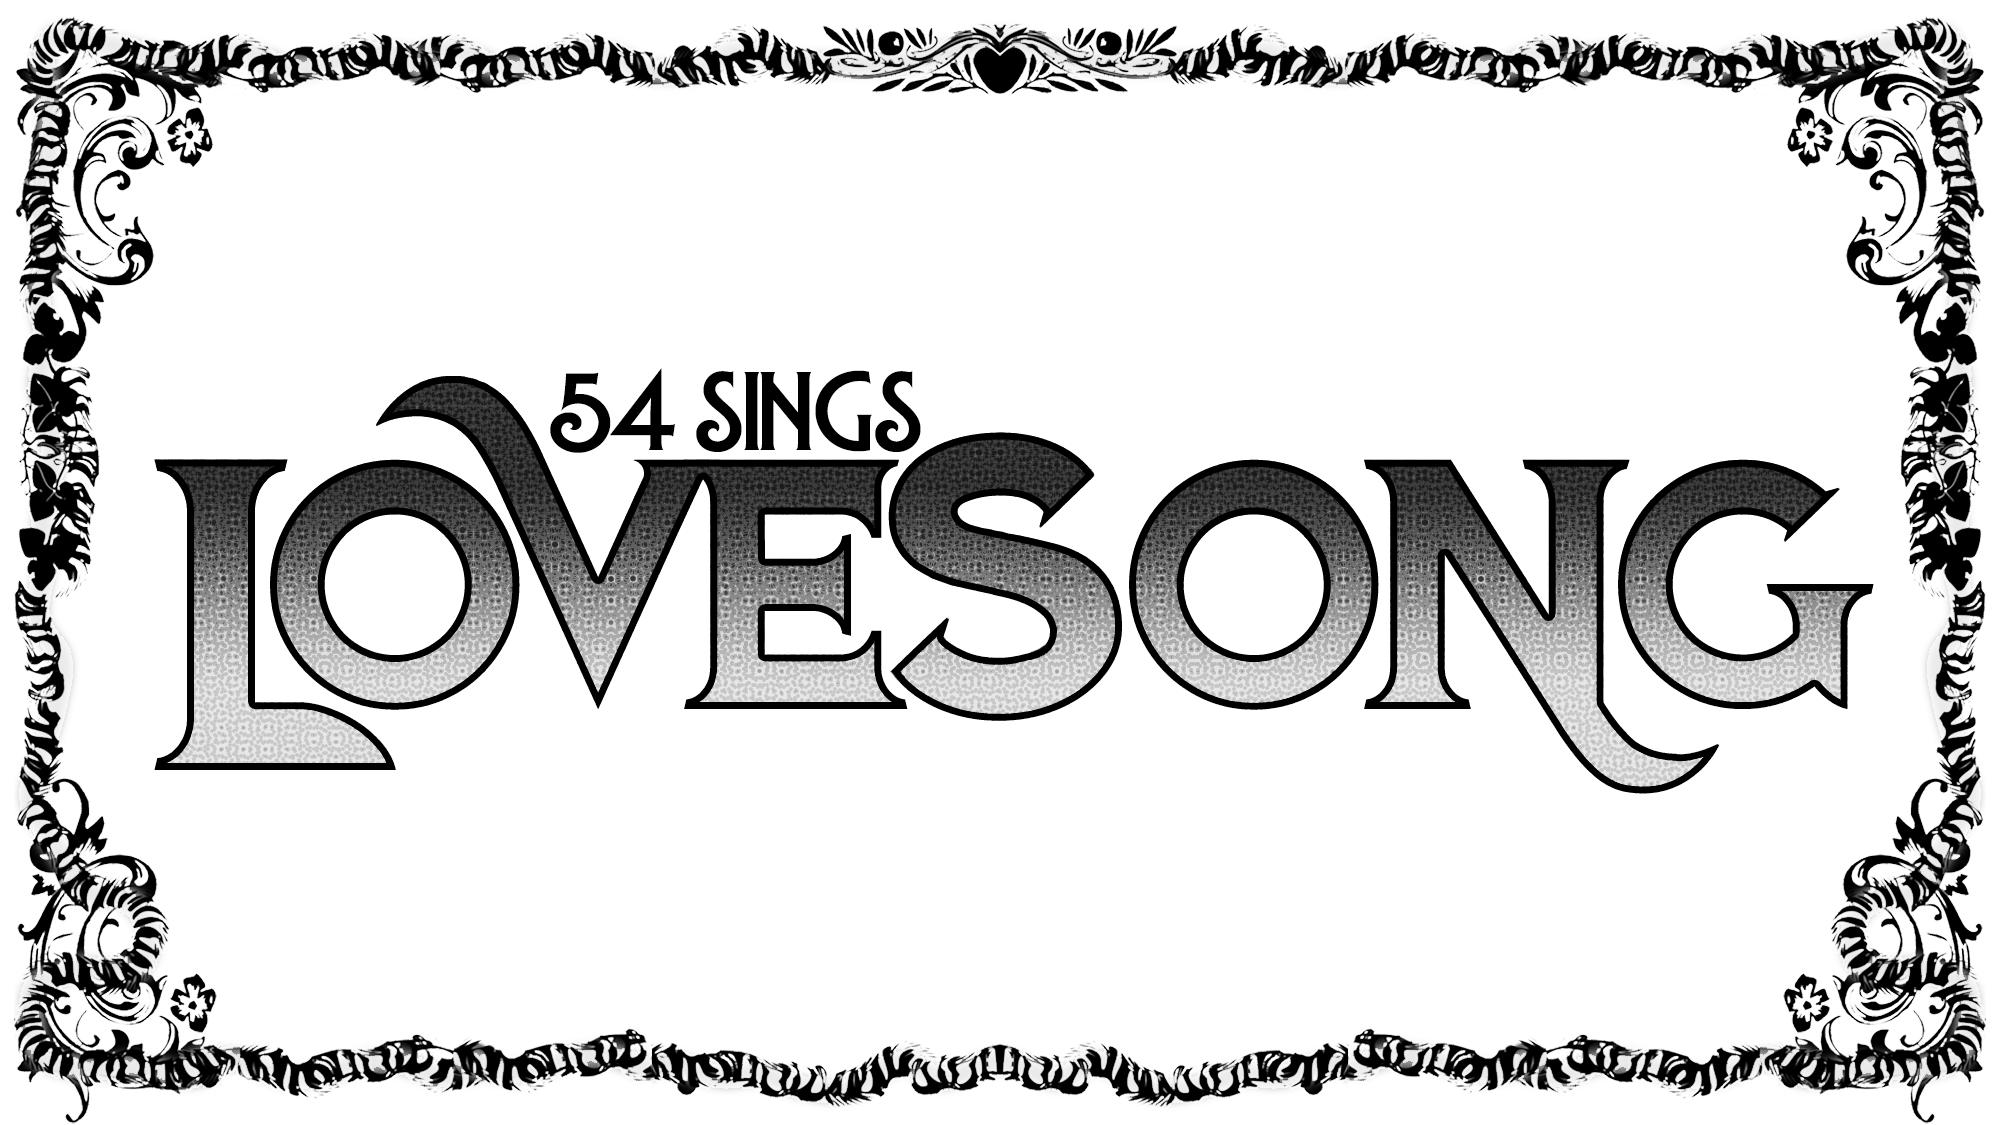 54 Sings Lovesong